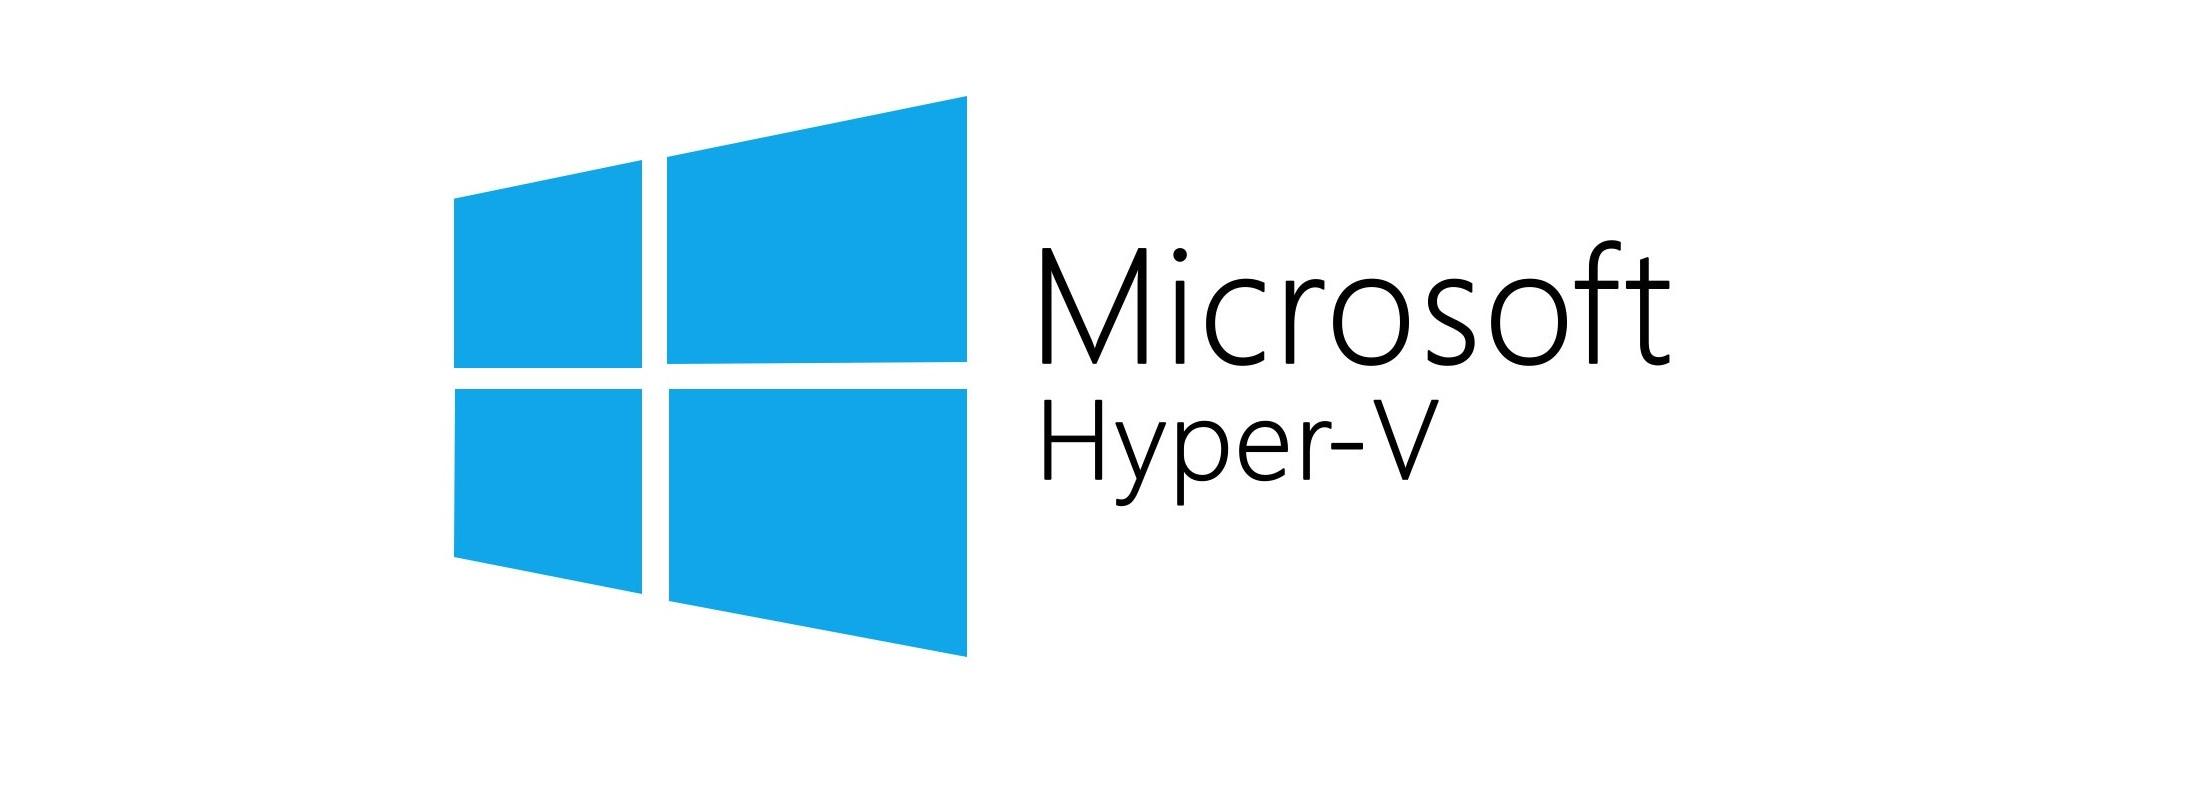 Come installare Hyper-V in Windows 10 e Windows 11 Home